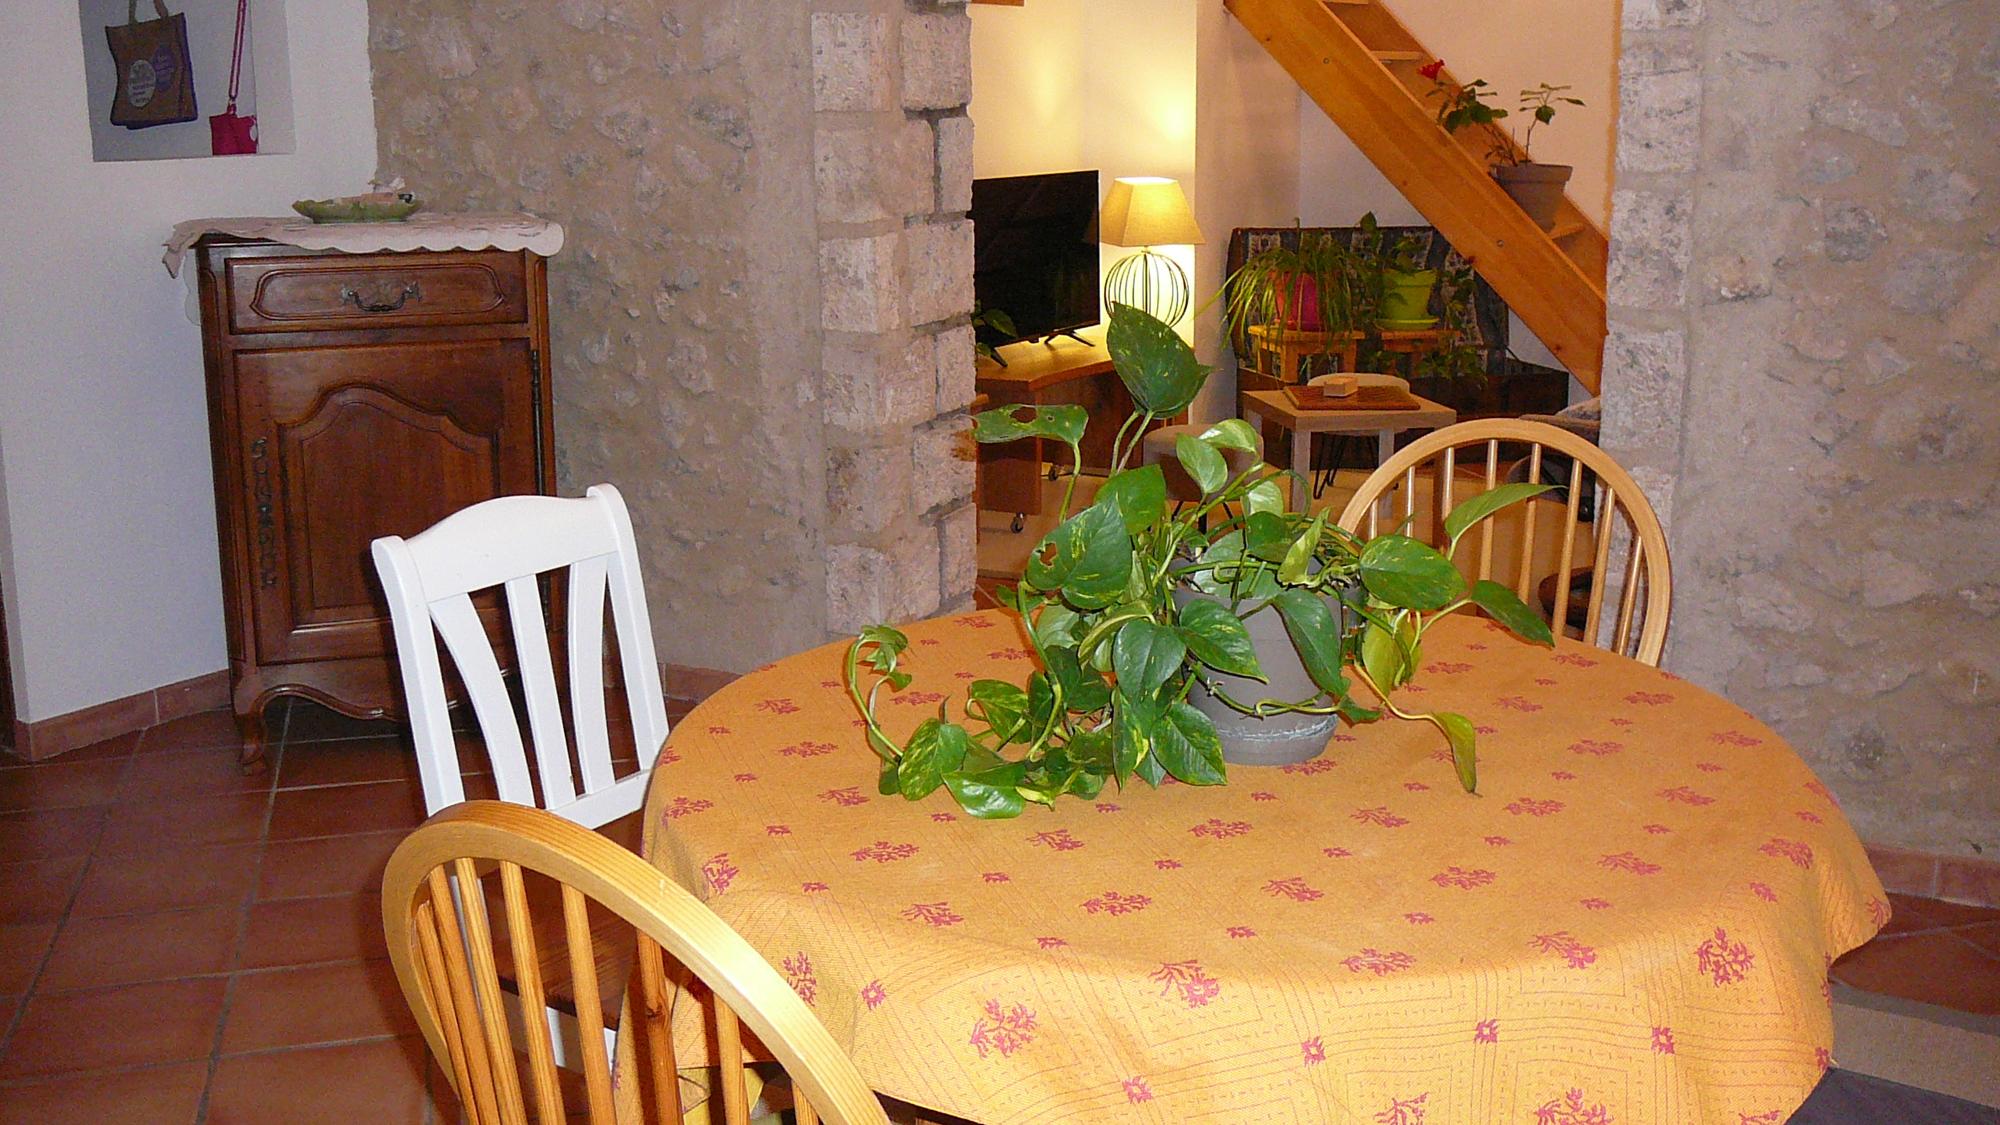 Location de vacances appartement pour 2 à Moustiers Sainte Marie